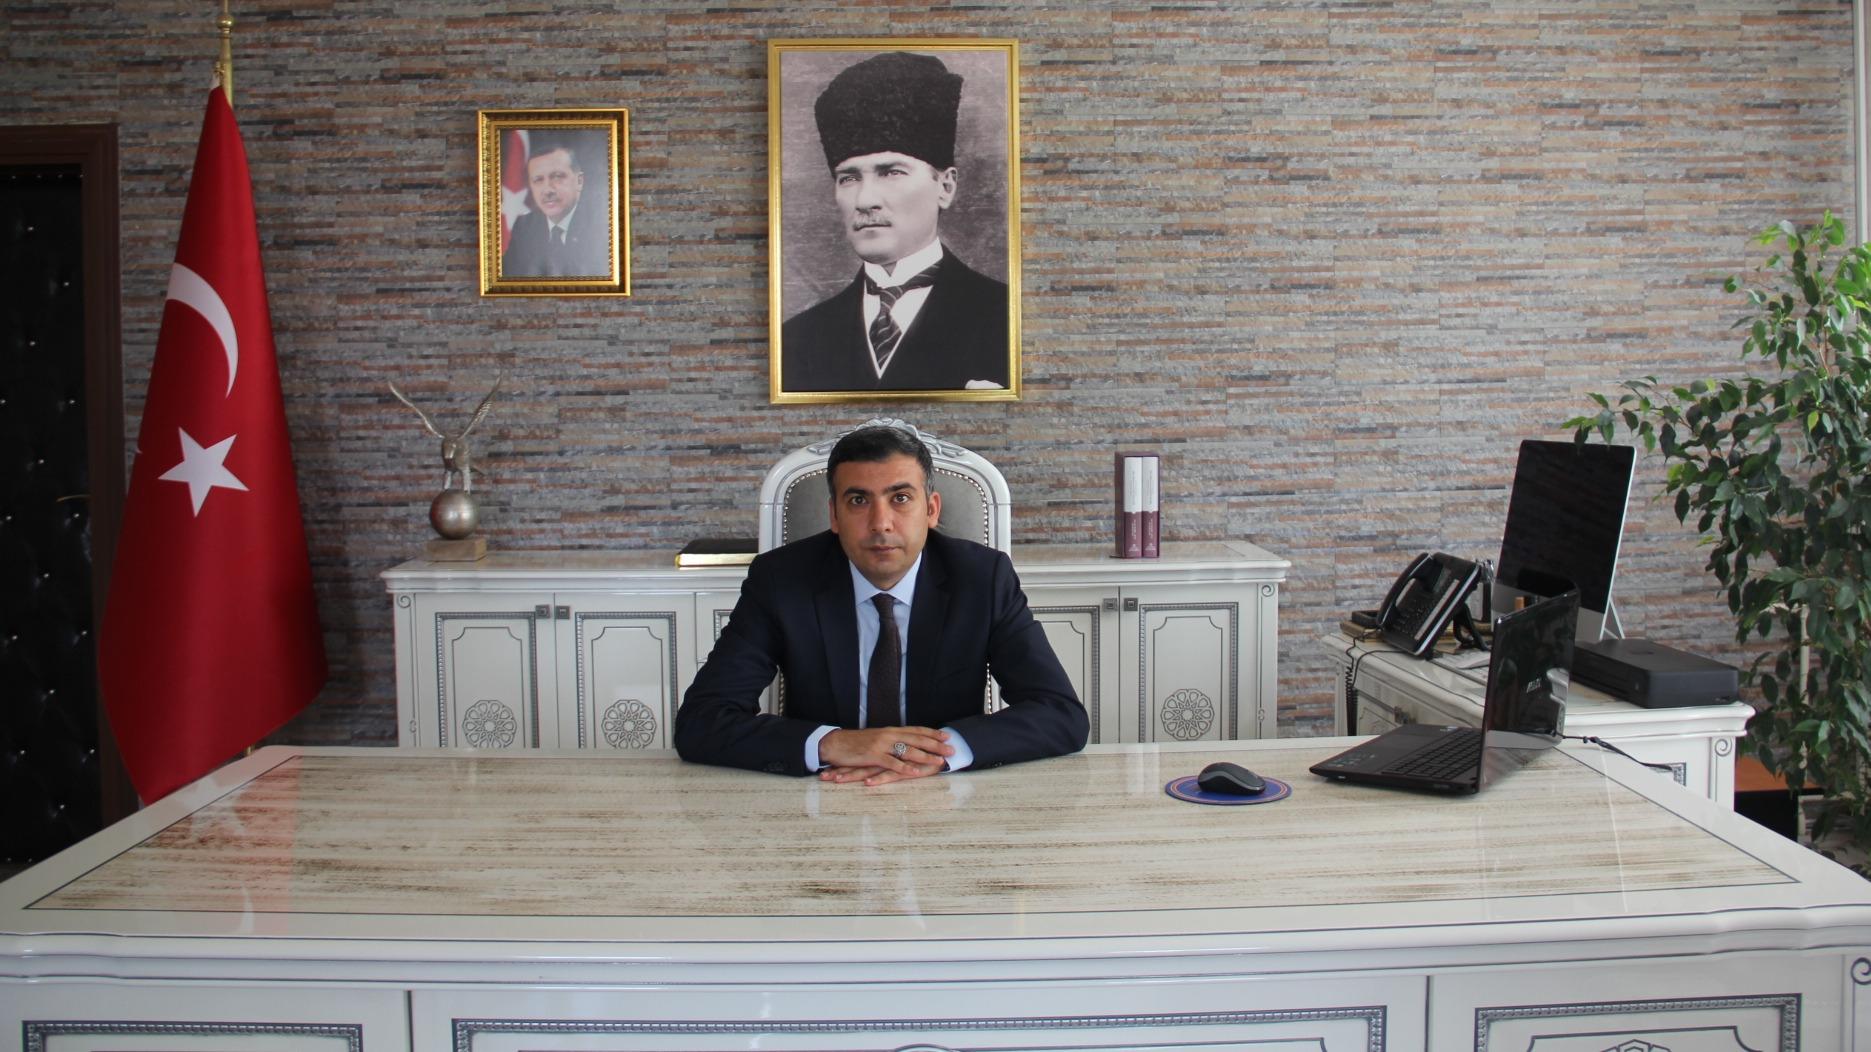 Artuklu Kaymakamı Mesut Tabakcıoğlu kimdir, Artuklu Kaymakamı Mesut Tabakcıoğlu nereli, Kaymakam Mesut Tabakcıoğlu kimdir?